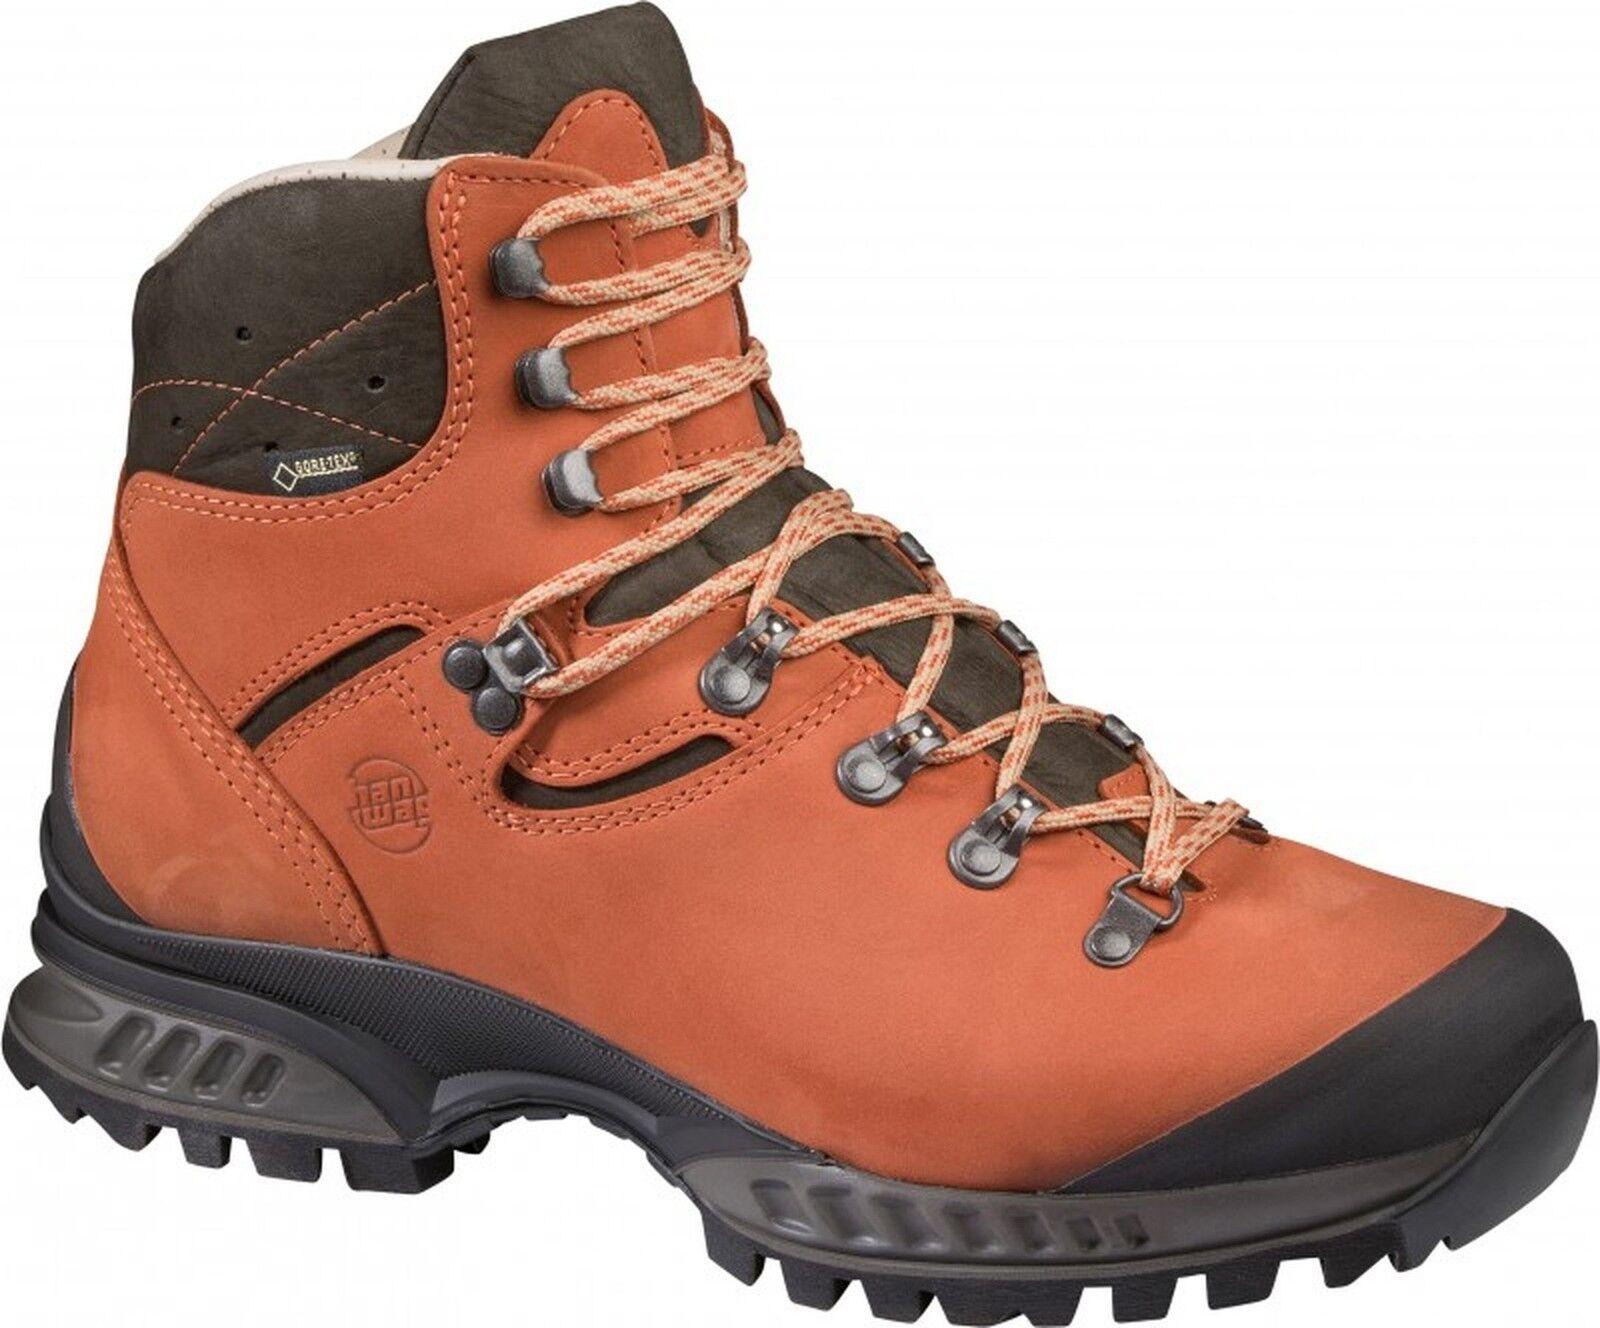 Hanwag Zapatos de Montaña  Tatra Mujer GTX Gore-Tex Talla  5-38 Hoja de Otoño  nueva gama alta exclusiva